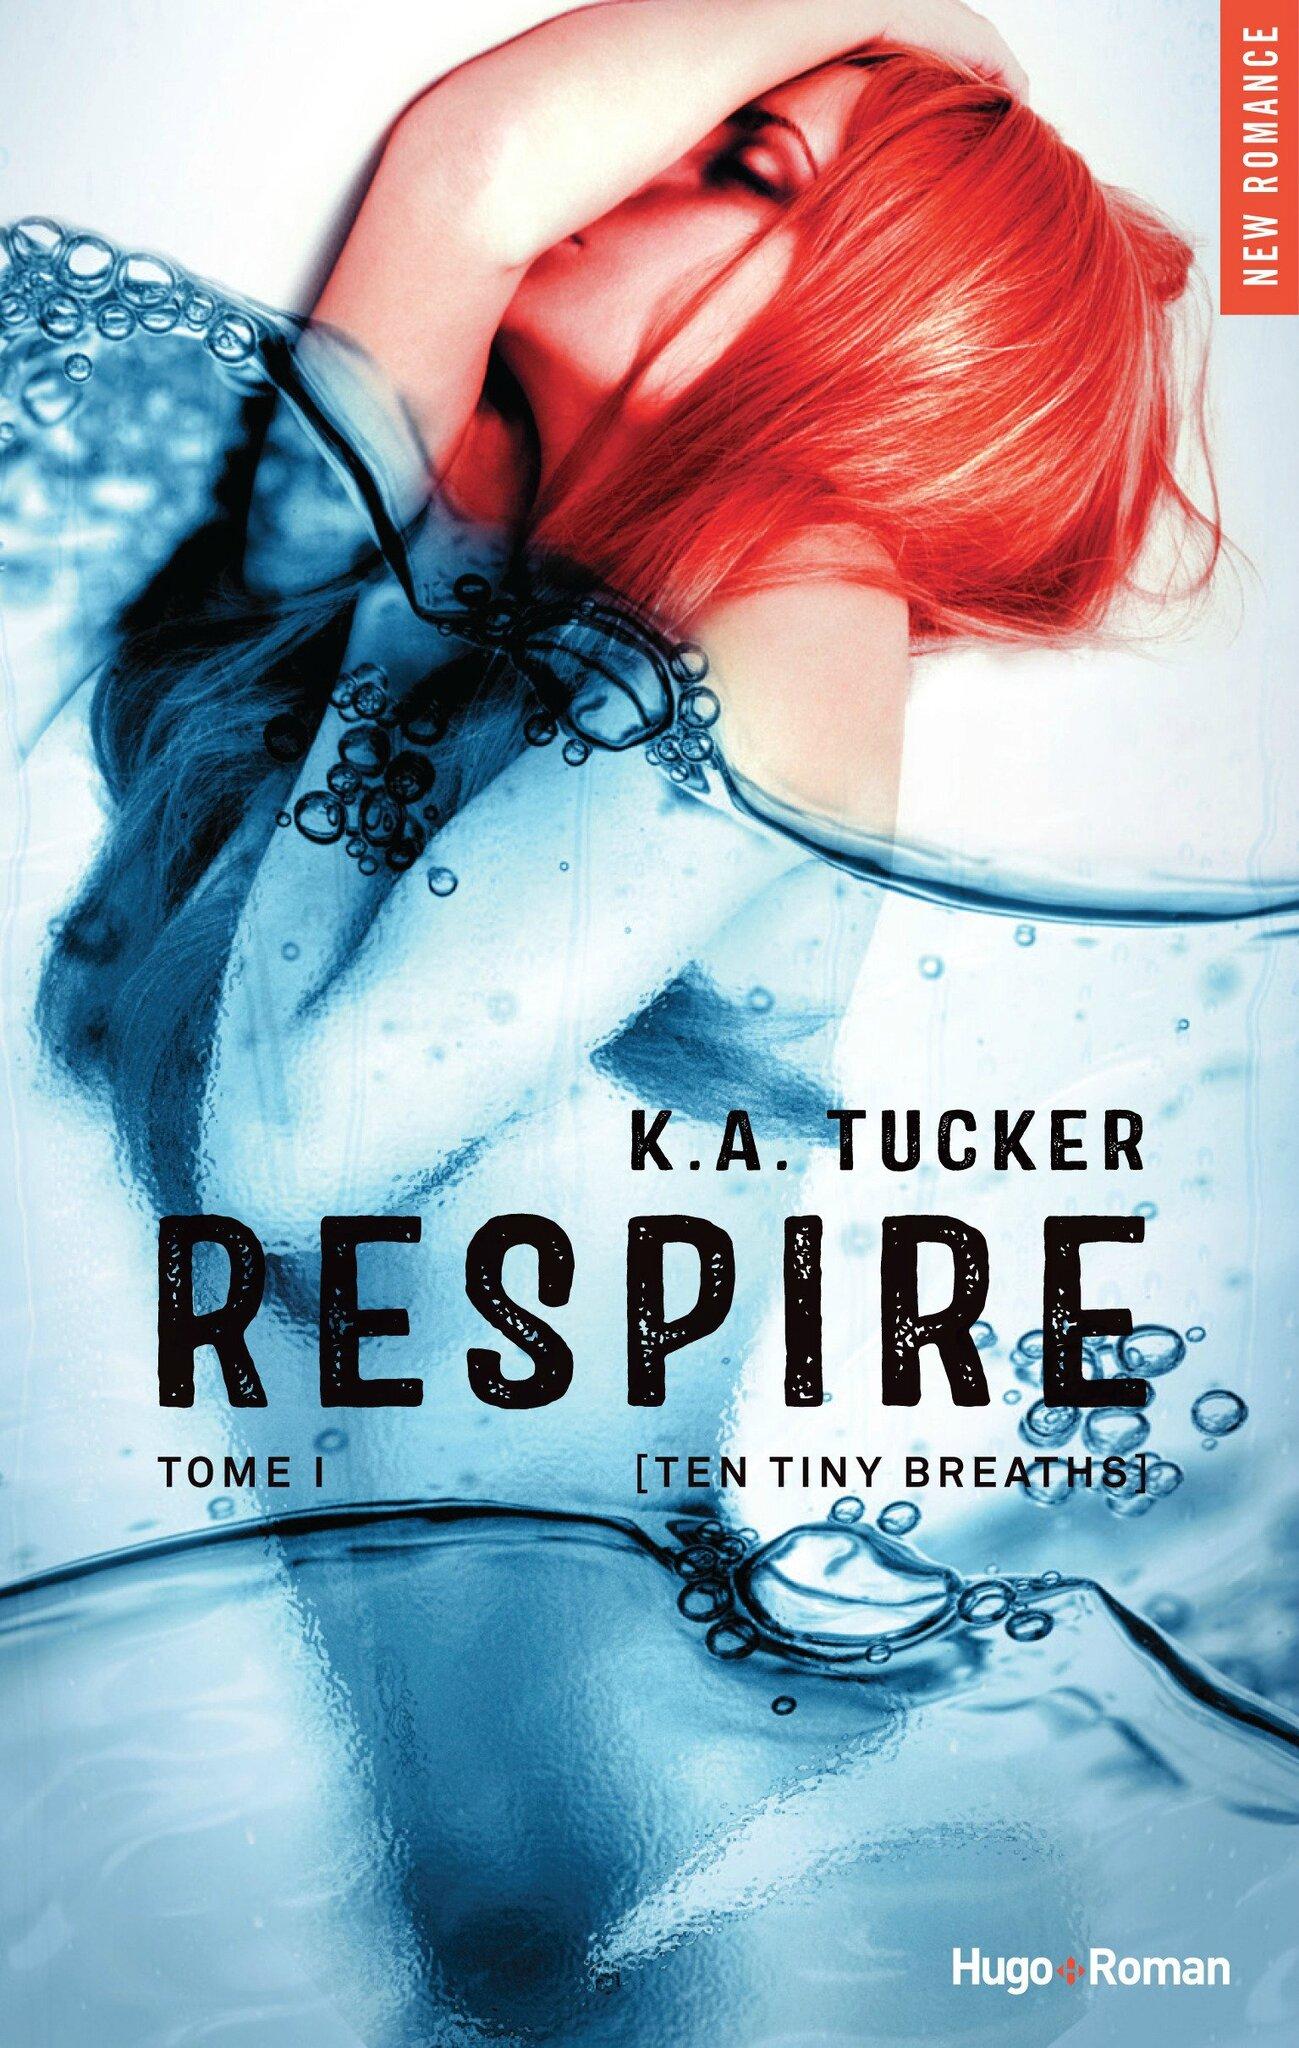 Respire Tome 1 [Ten tiny breaths] de K.A. Tucker